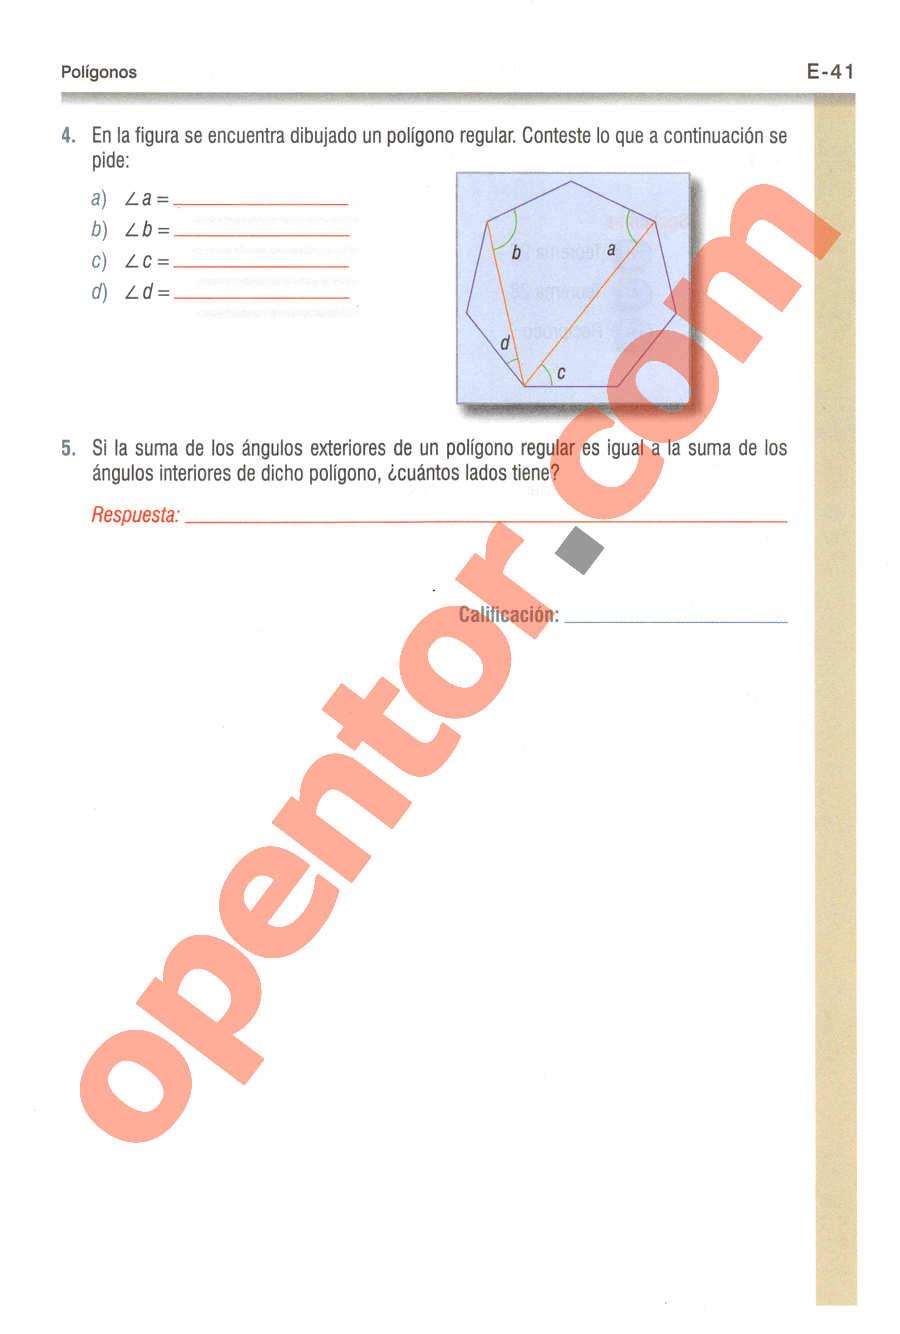 Geometría y Trigonometría de Baldor - Página E41